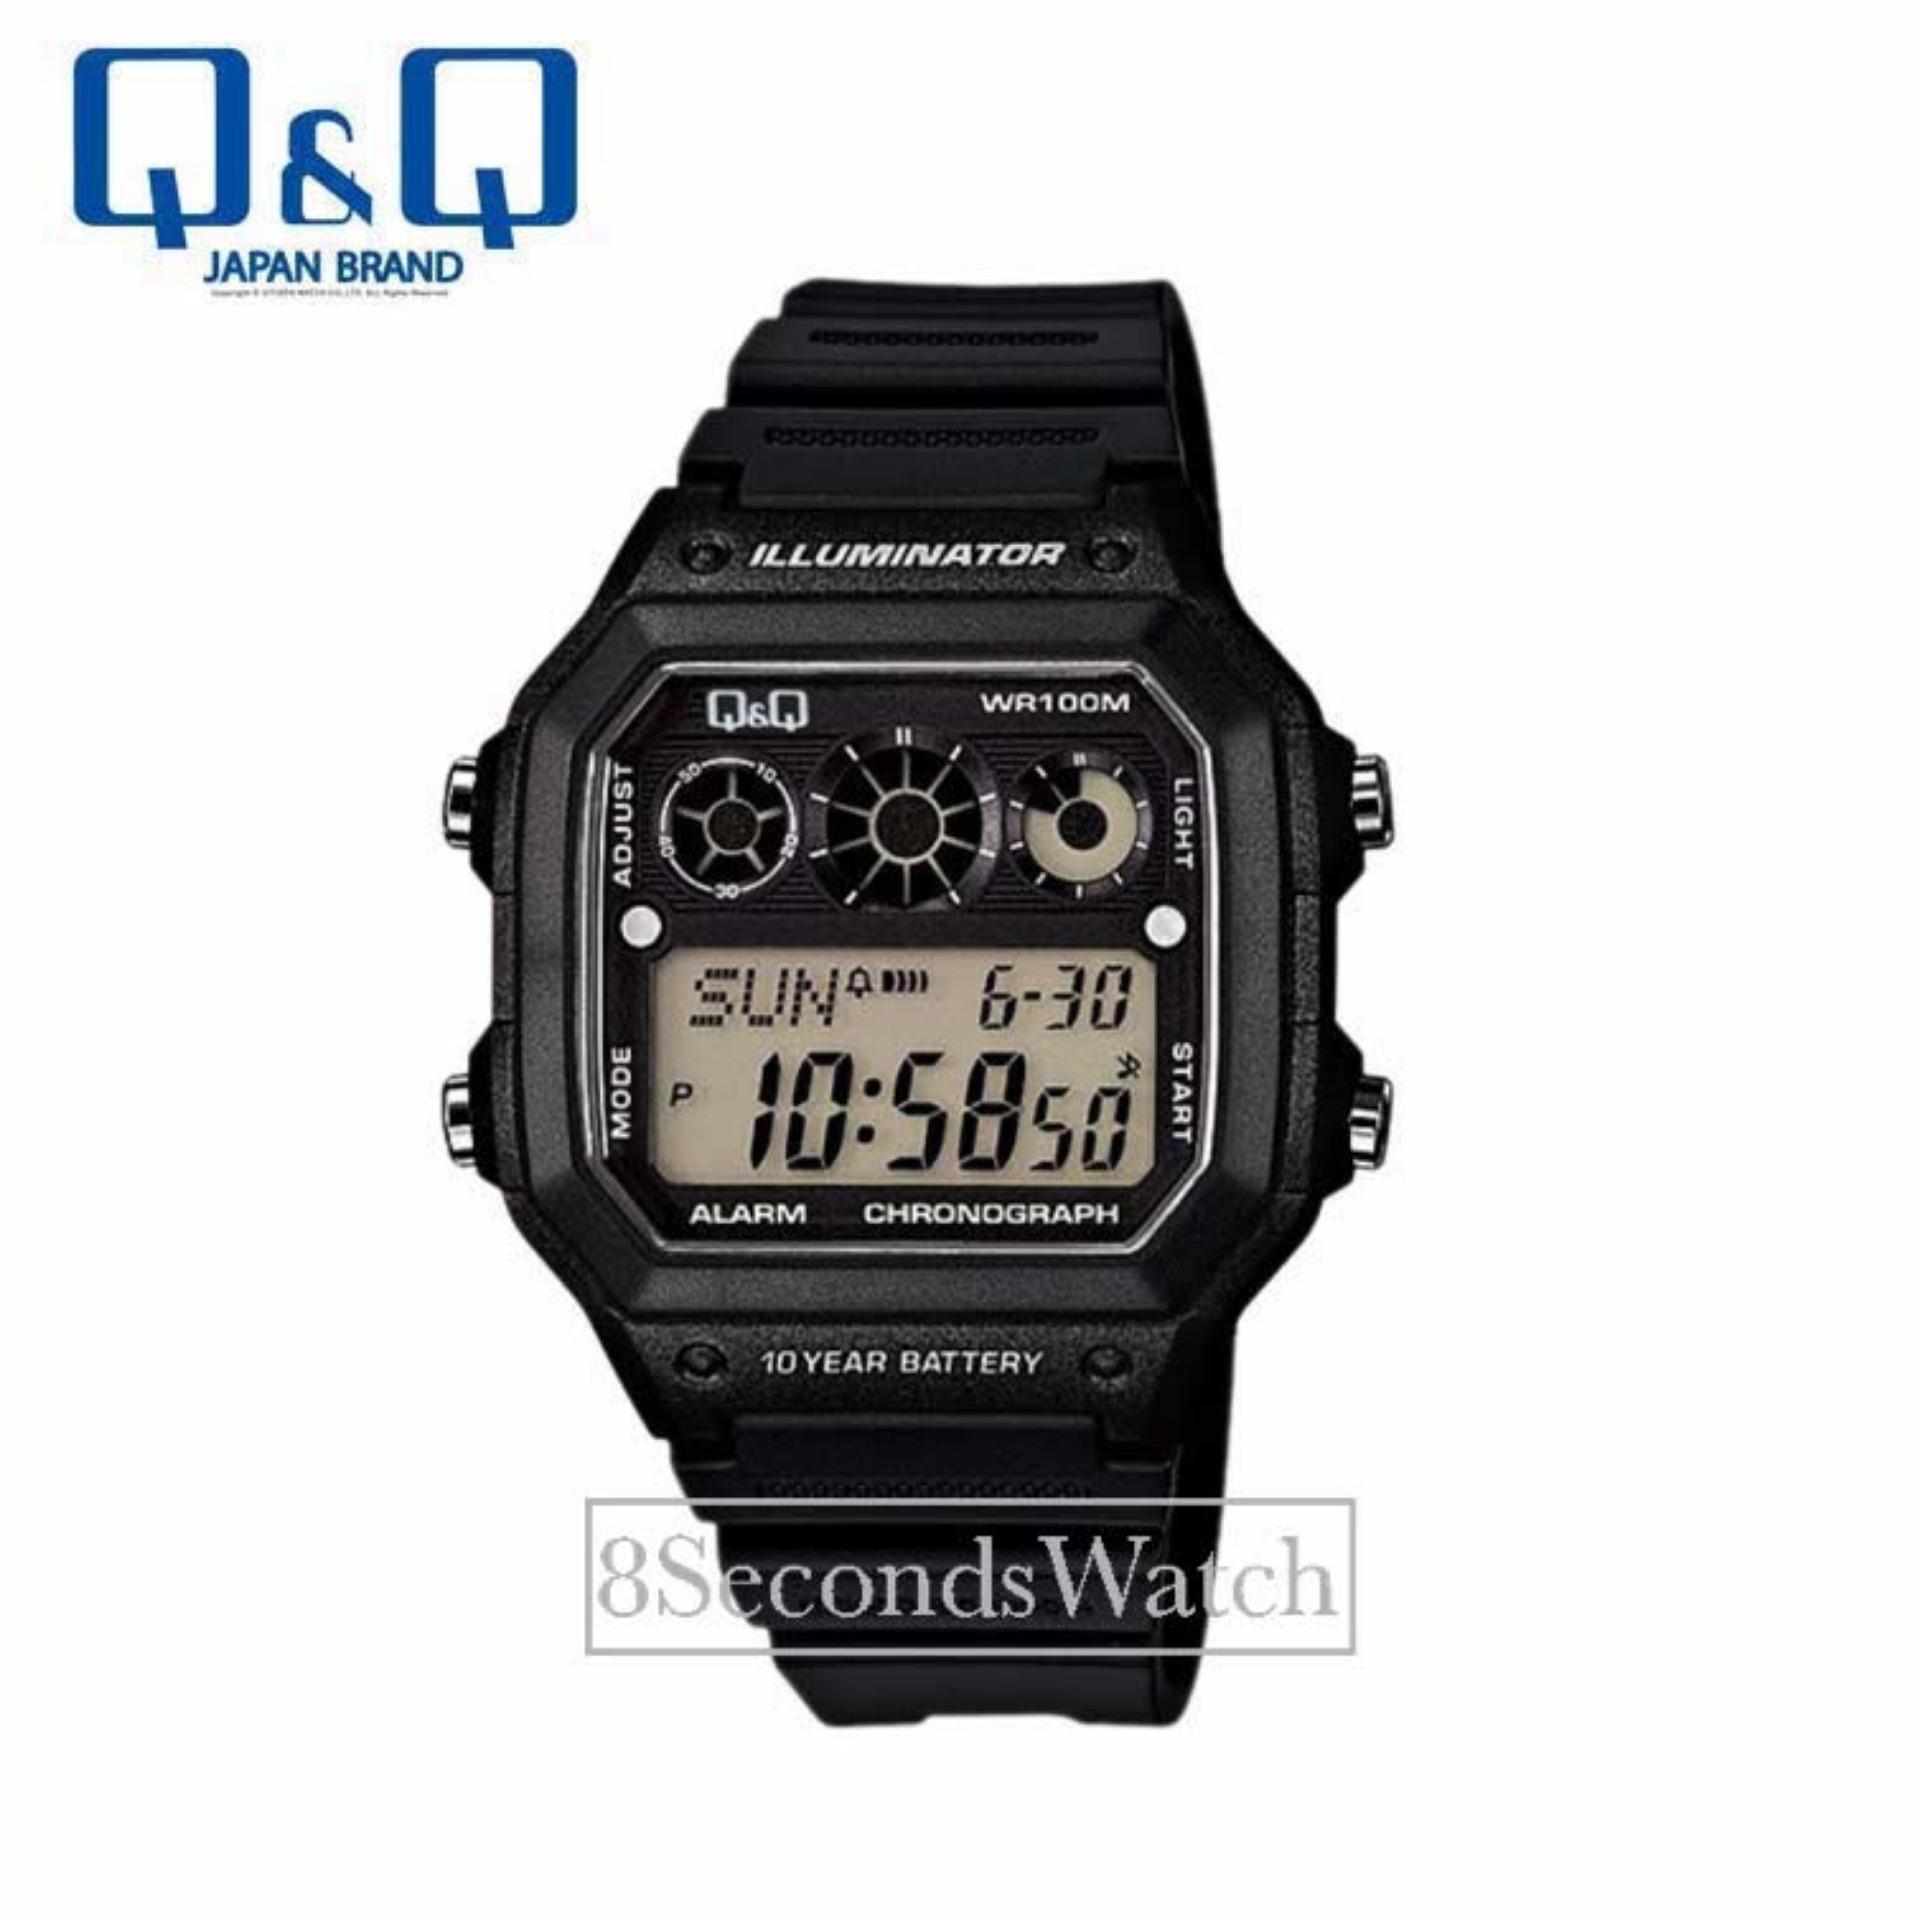 Q&Q - Jam Tangan Pria dan Wanita - Digital Watch - Strap Rubber - L116_Black